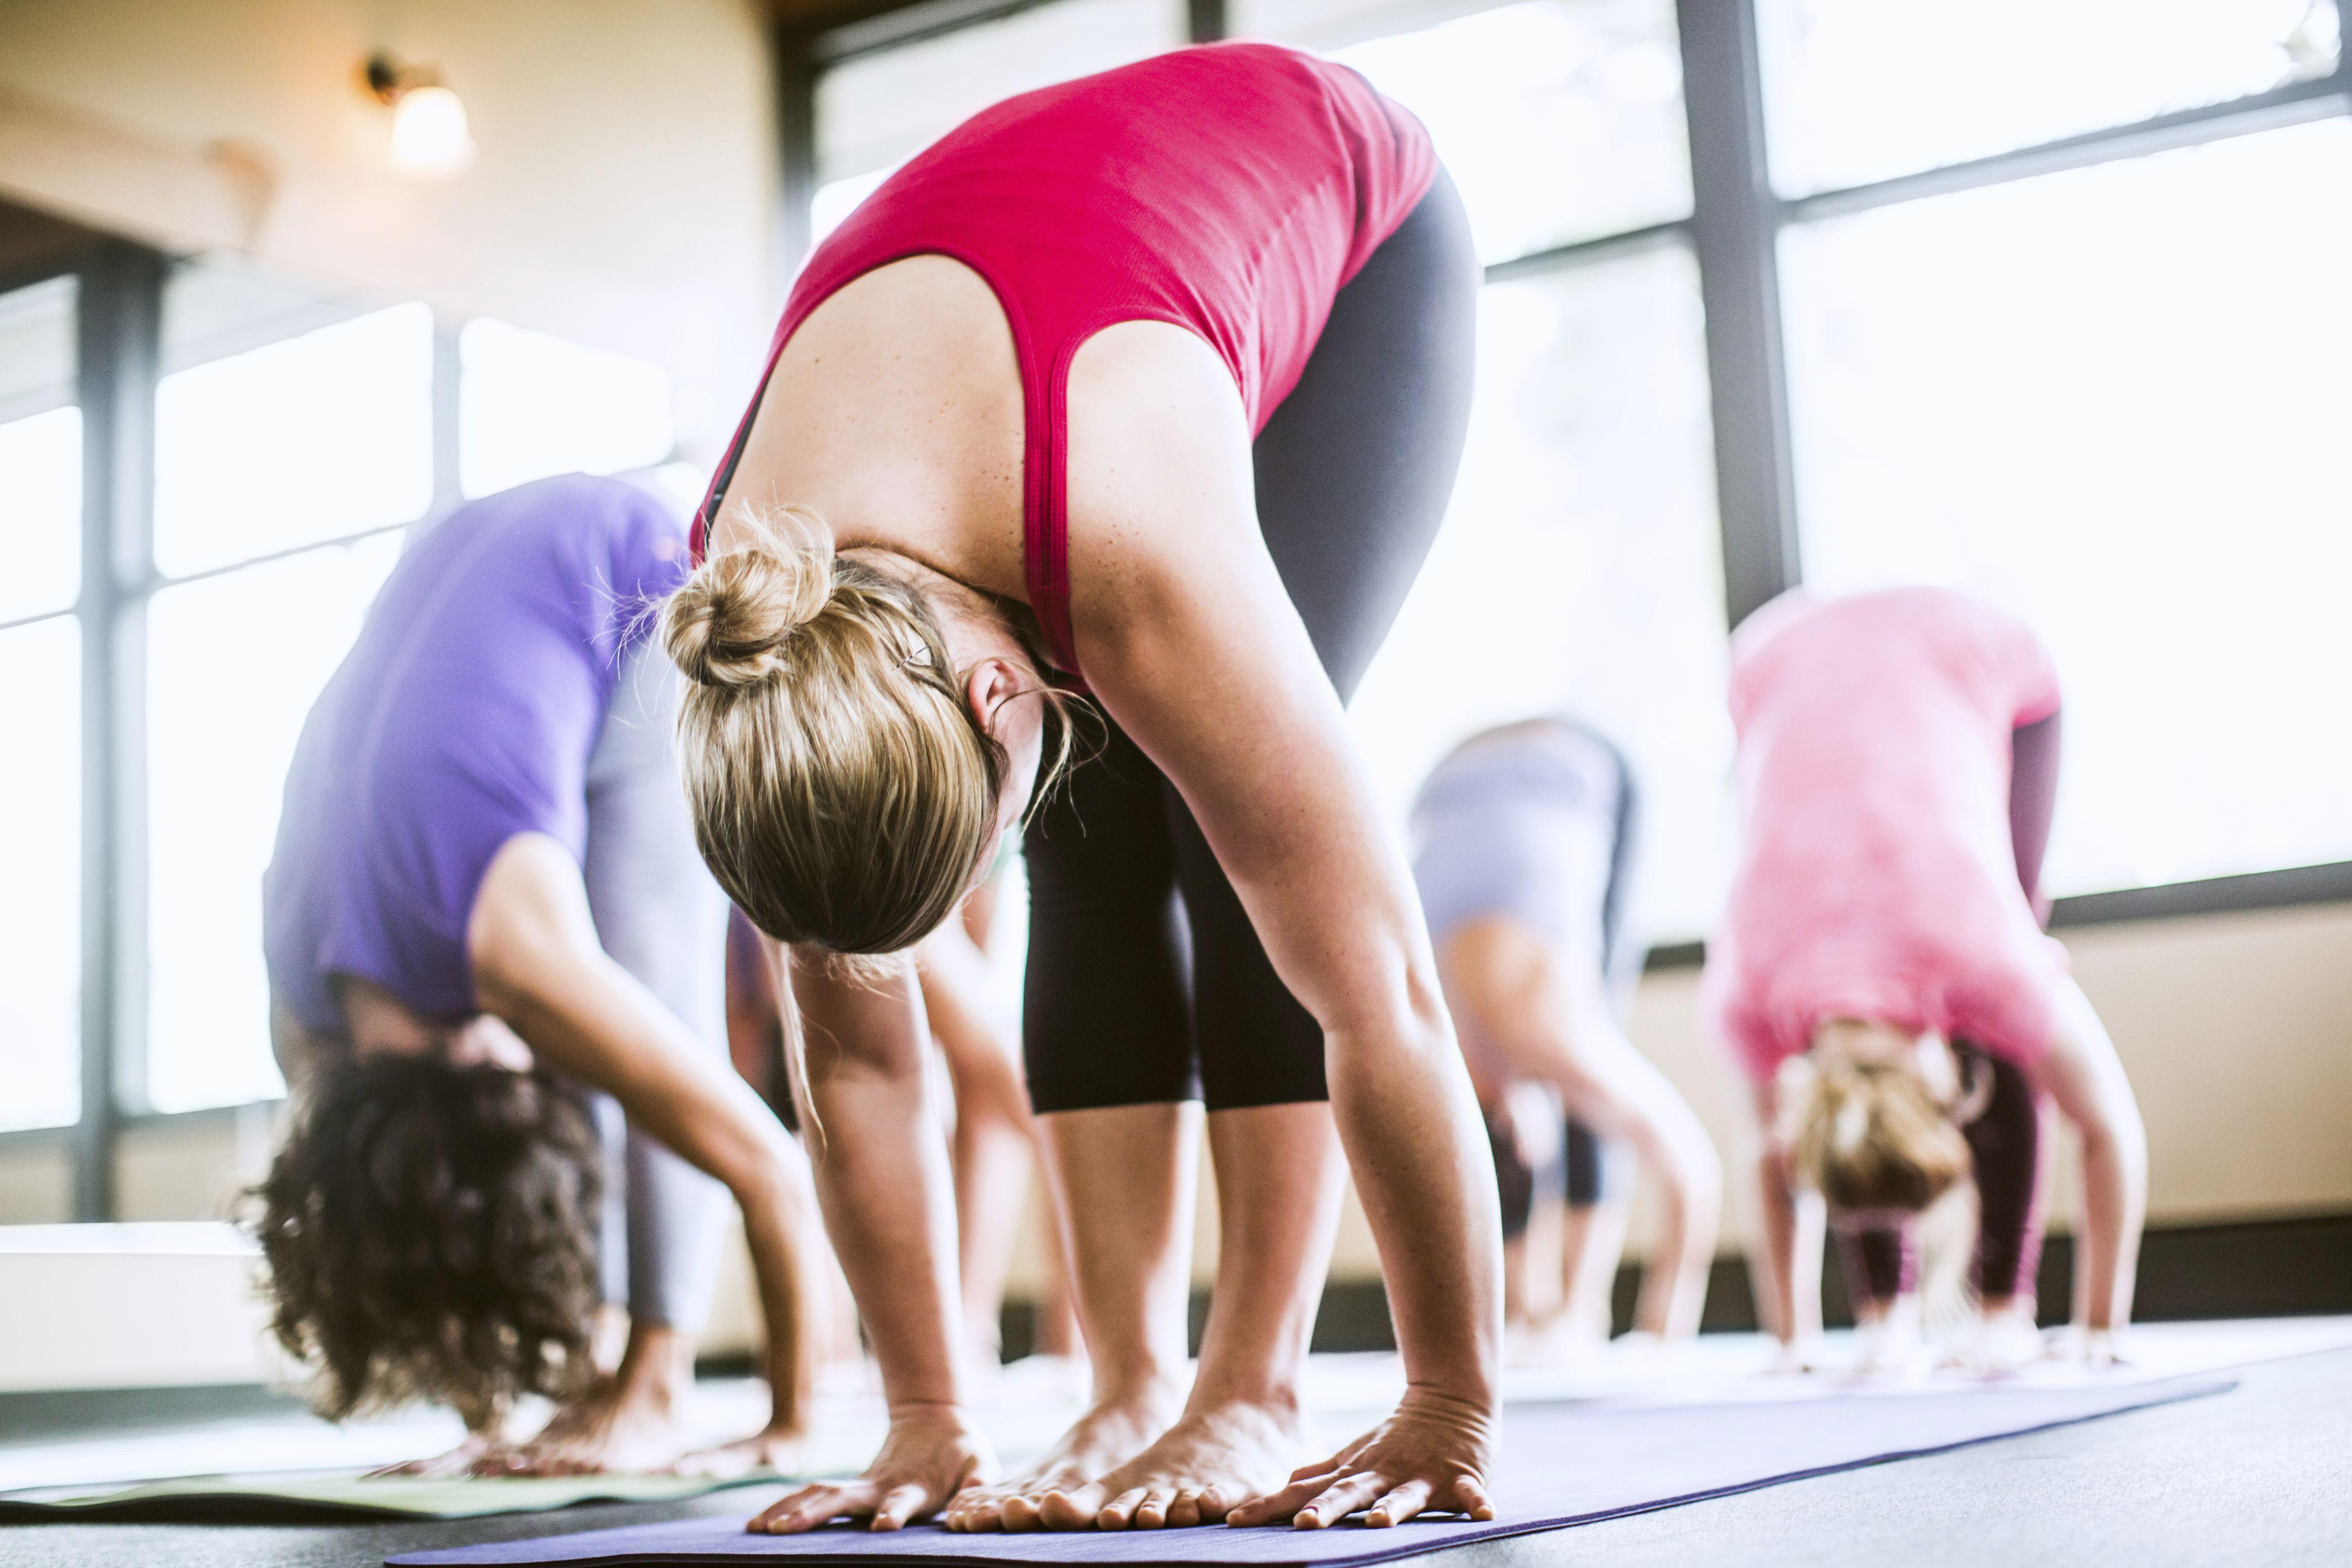 Clase de yoga en flexión hacia adelante (Uttanasana)